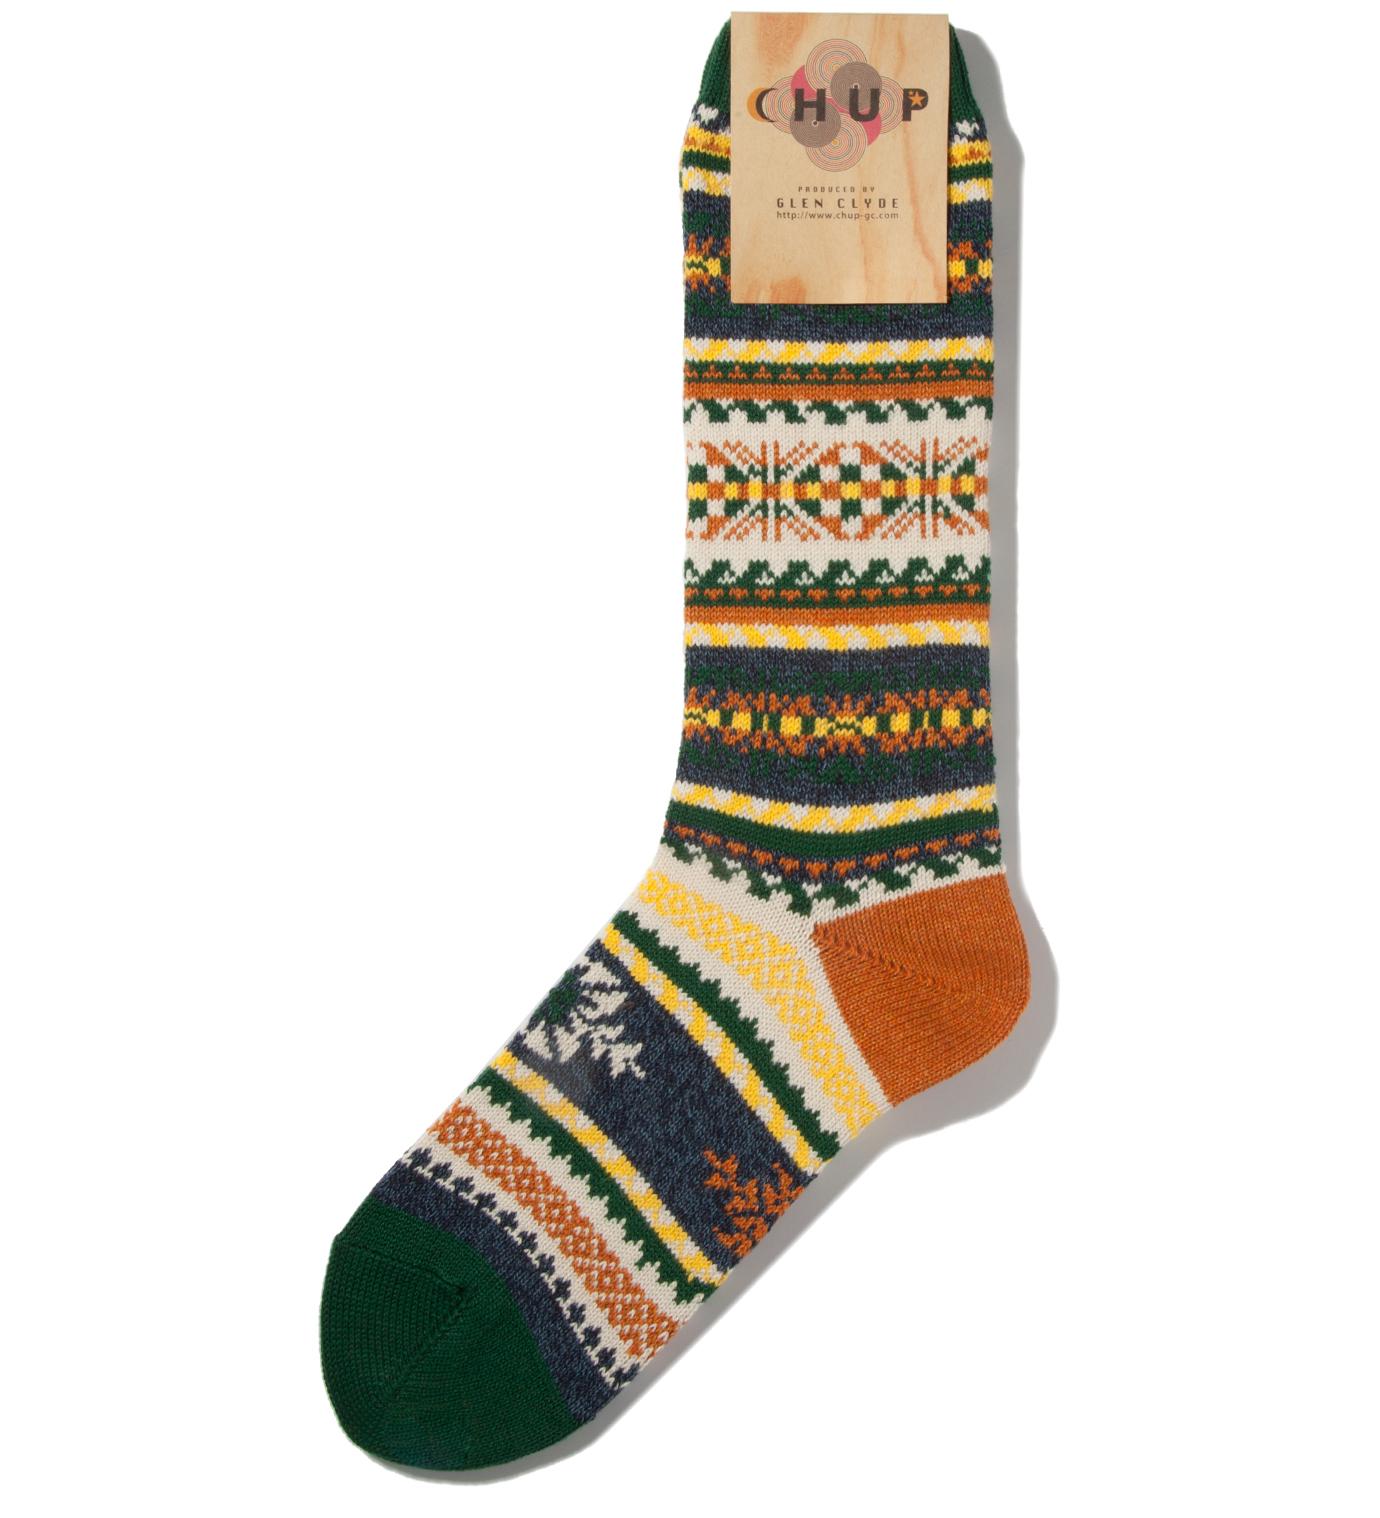 CHUP Green Loimi Socks